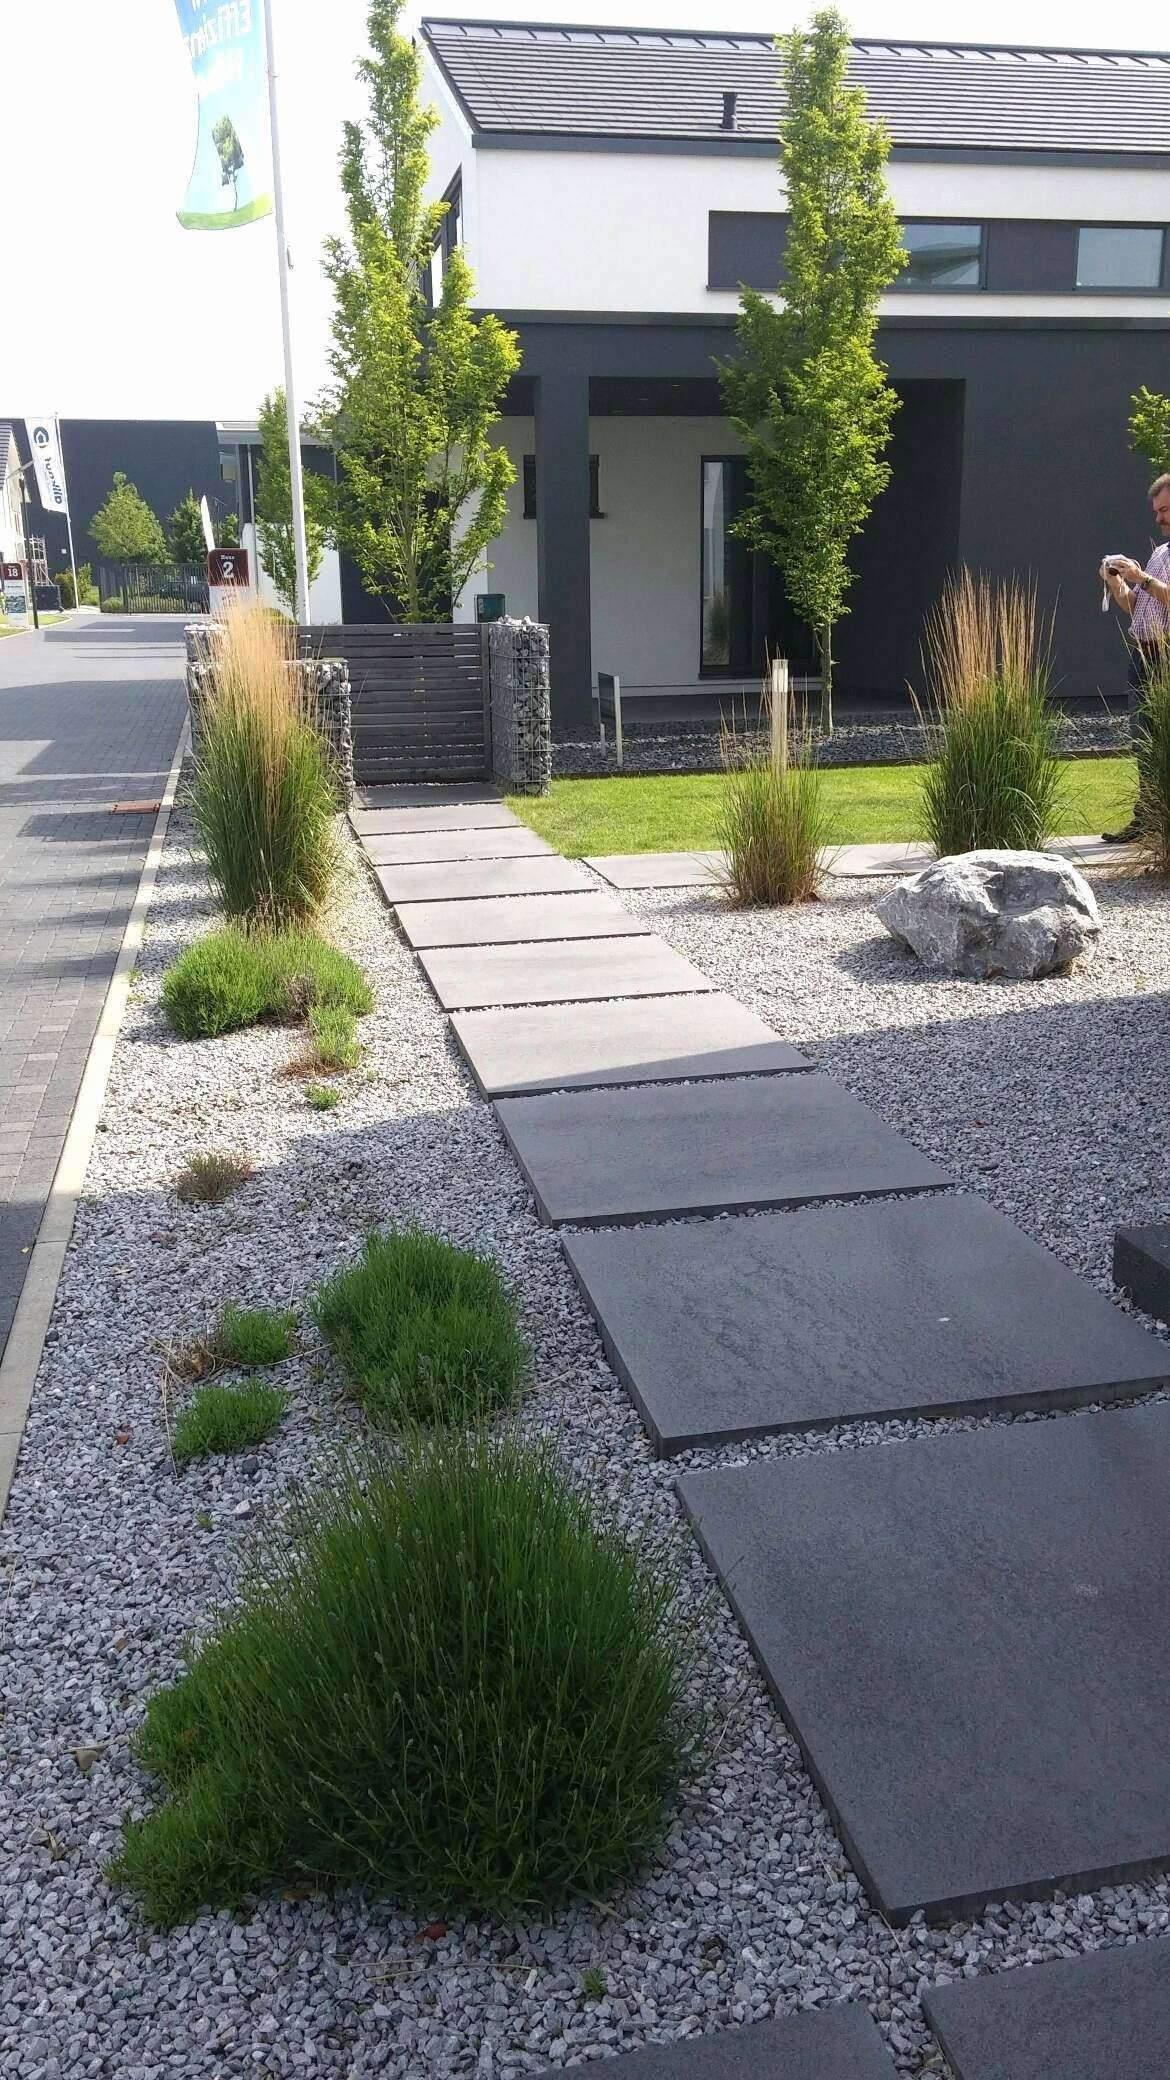 Grillplatz Garten Gestalten Genial 38 Neu Wege Im Garten Anlegen Das Beste Von